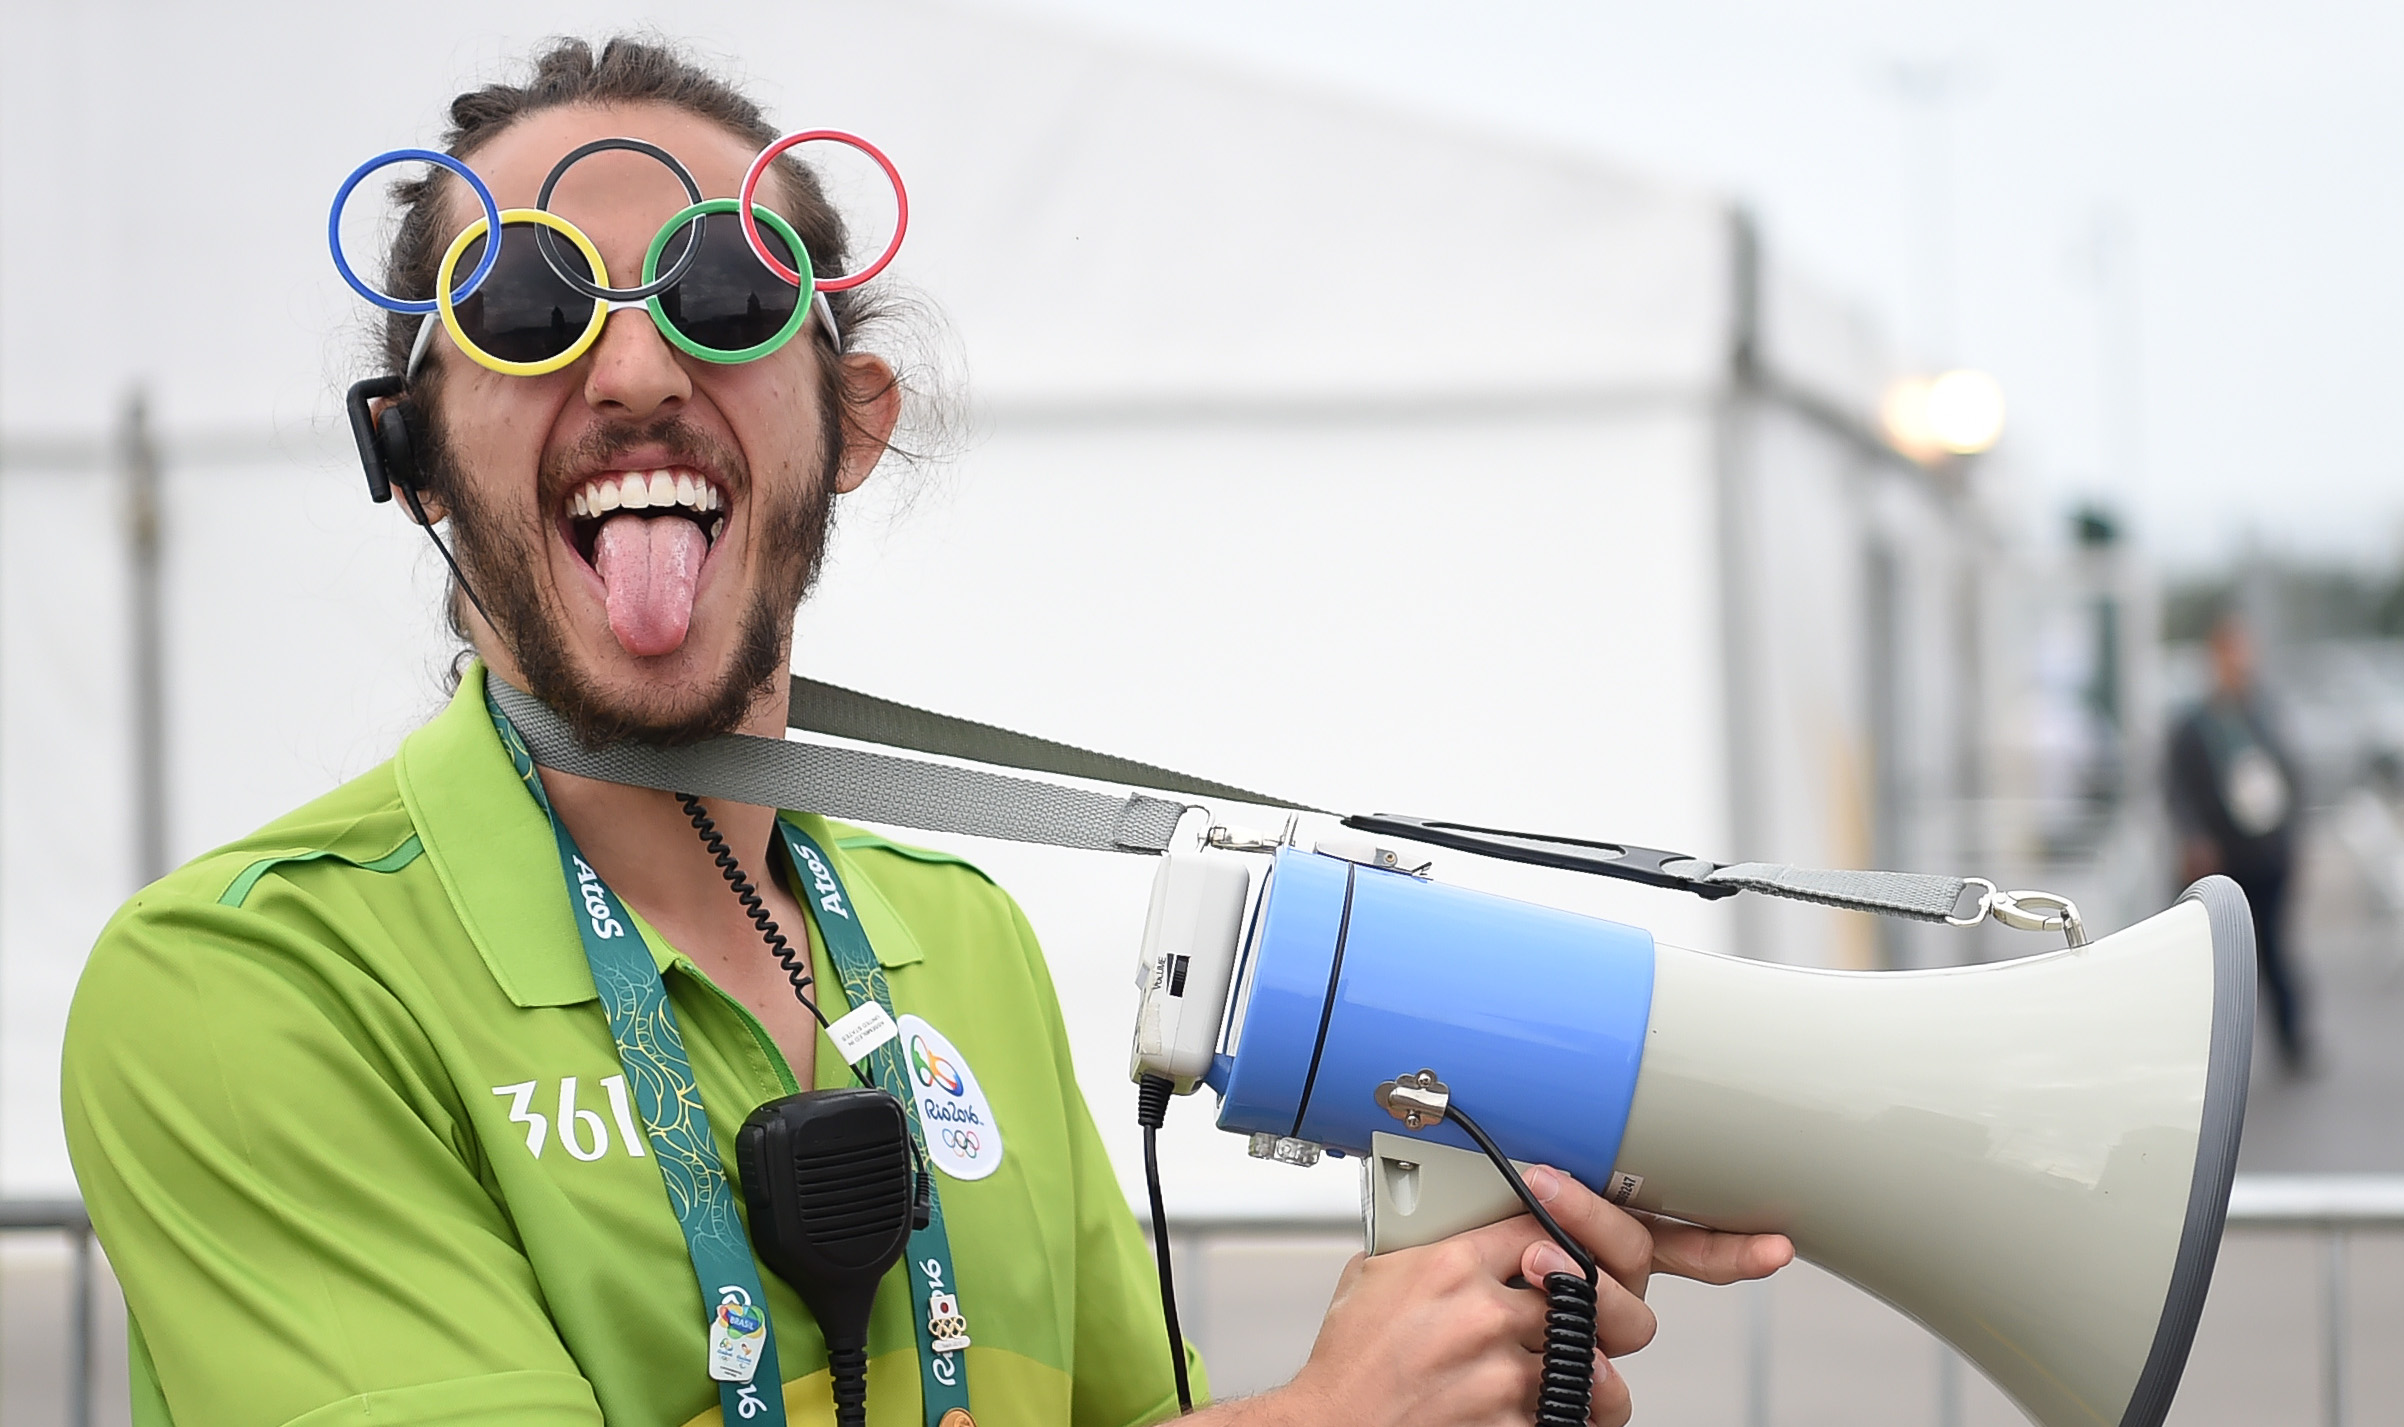 一名身着361度服装的工作人员引导媒体人员进入里约奥运会主新闻中心 新华社记者王昊飞摄